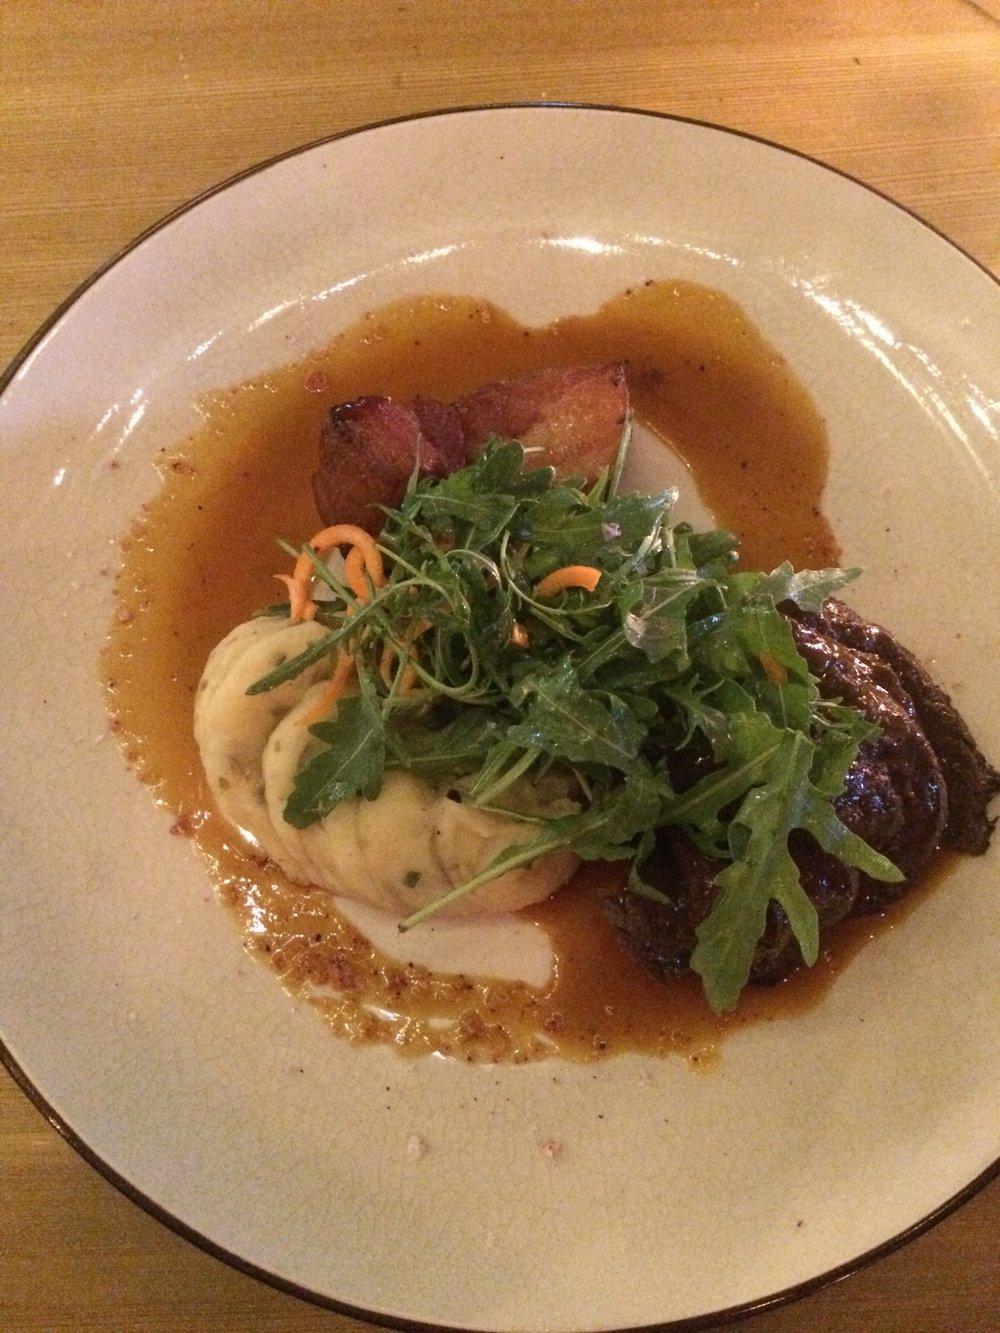 Whale steak at a restaurant called Íslenski Barinn (aka Icelandic Bar) in Reykjavík.